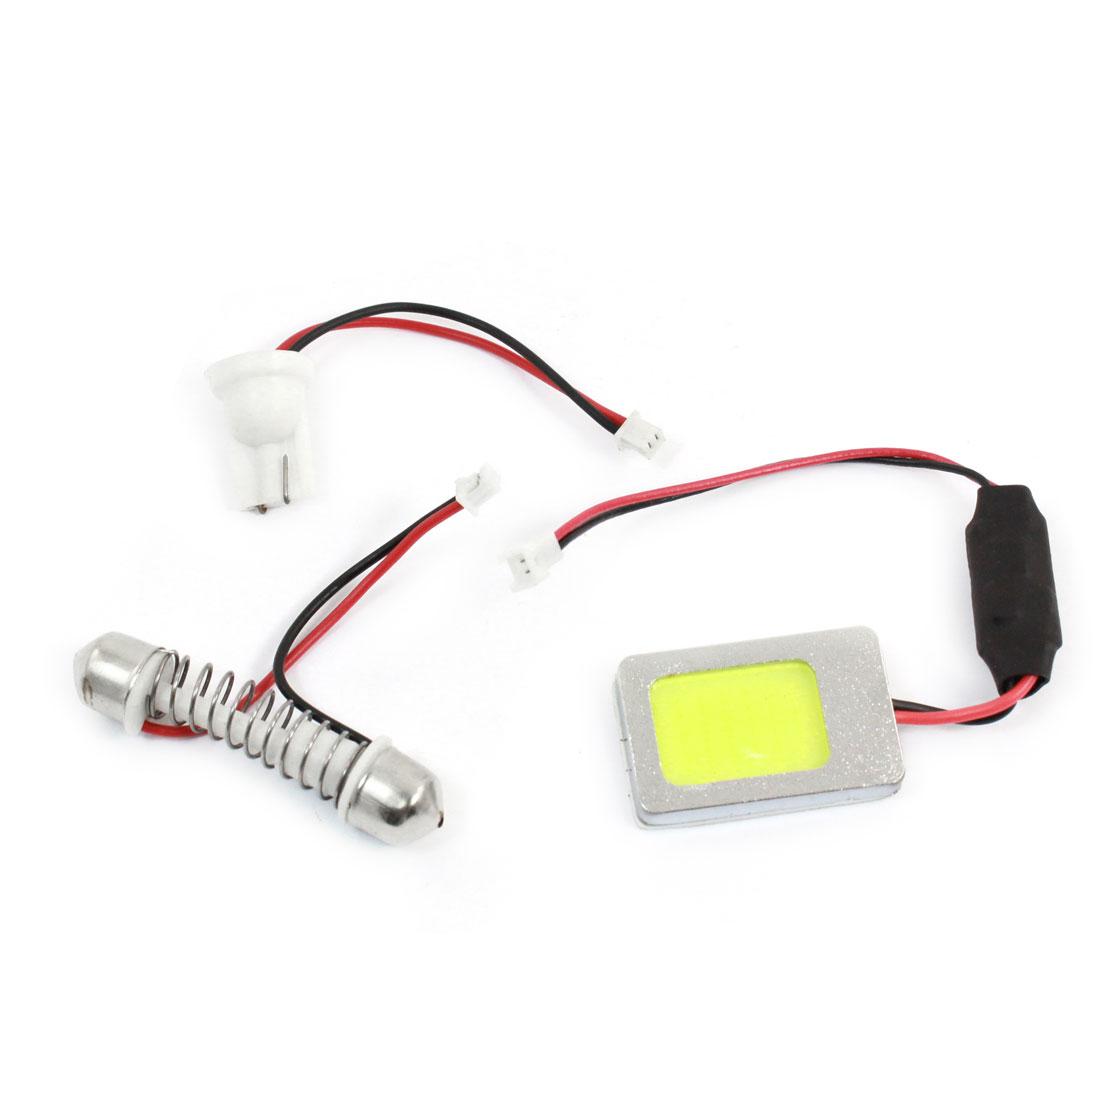 Car 12V 18 COB Lamp Dome Light Panel White + T10 Festoon Adapter internal